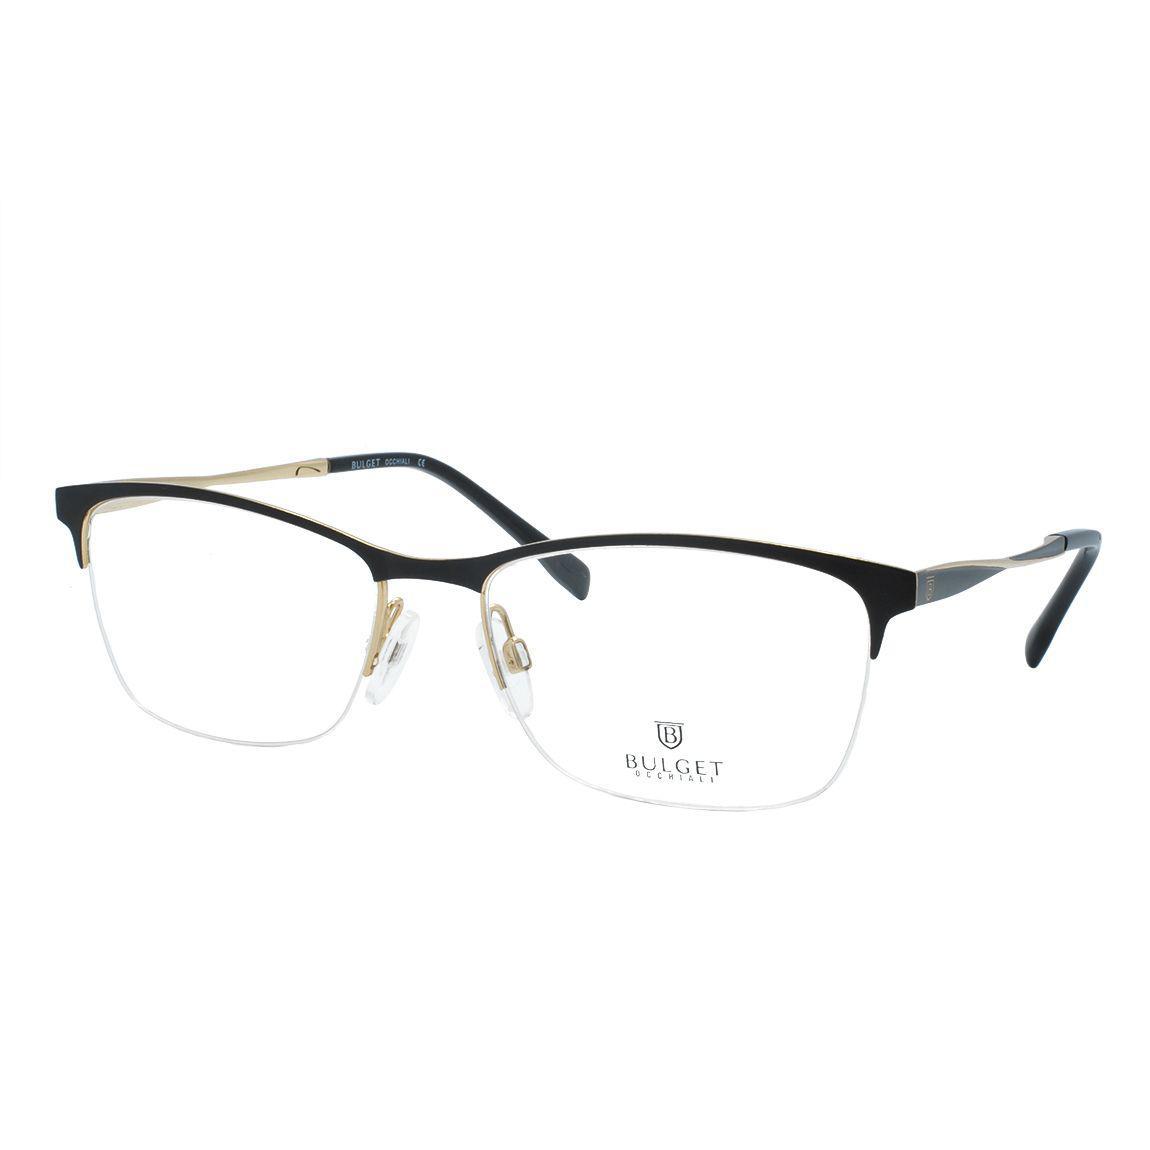 9f894de07 Óculos de Grau Bulget Feminino Fio de Nylon BG1546 09A - Metal Preto e  Dourado Produto não disponível